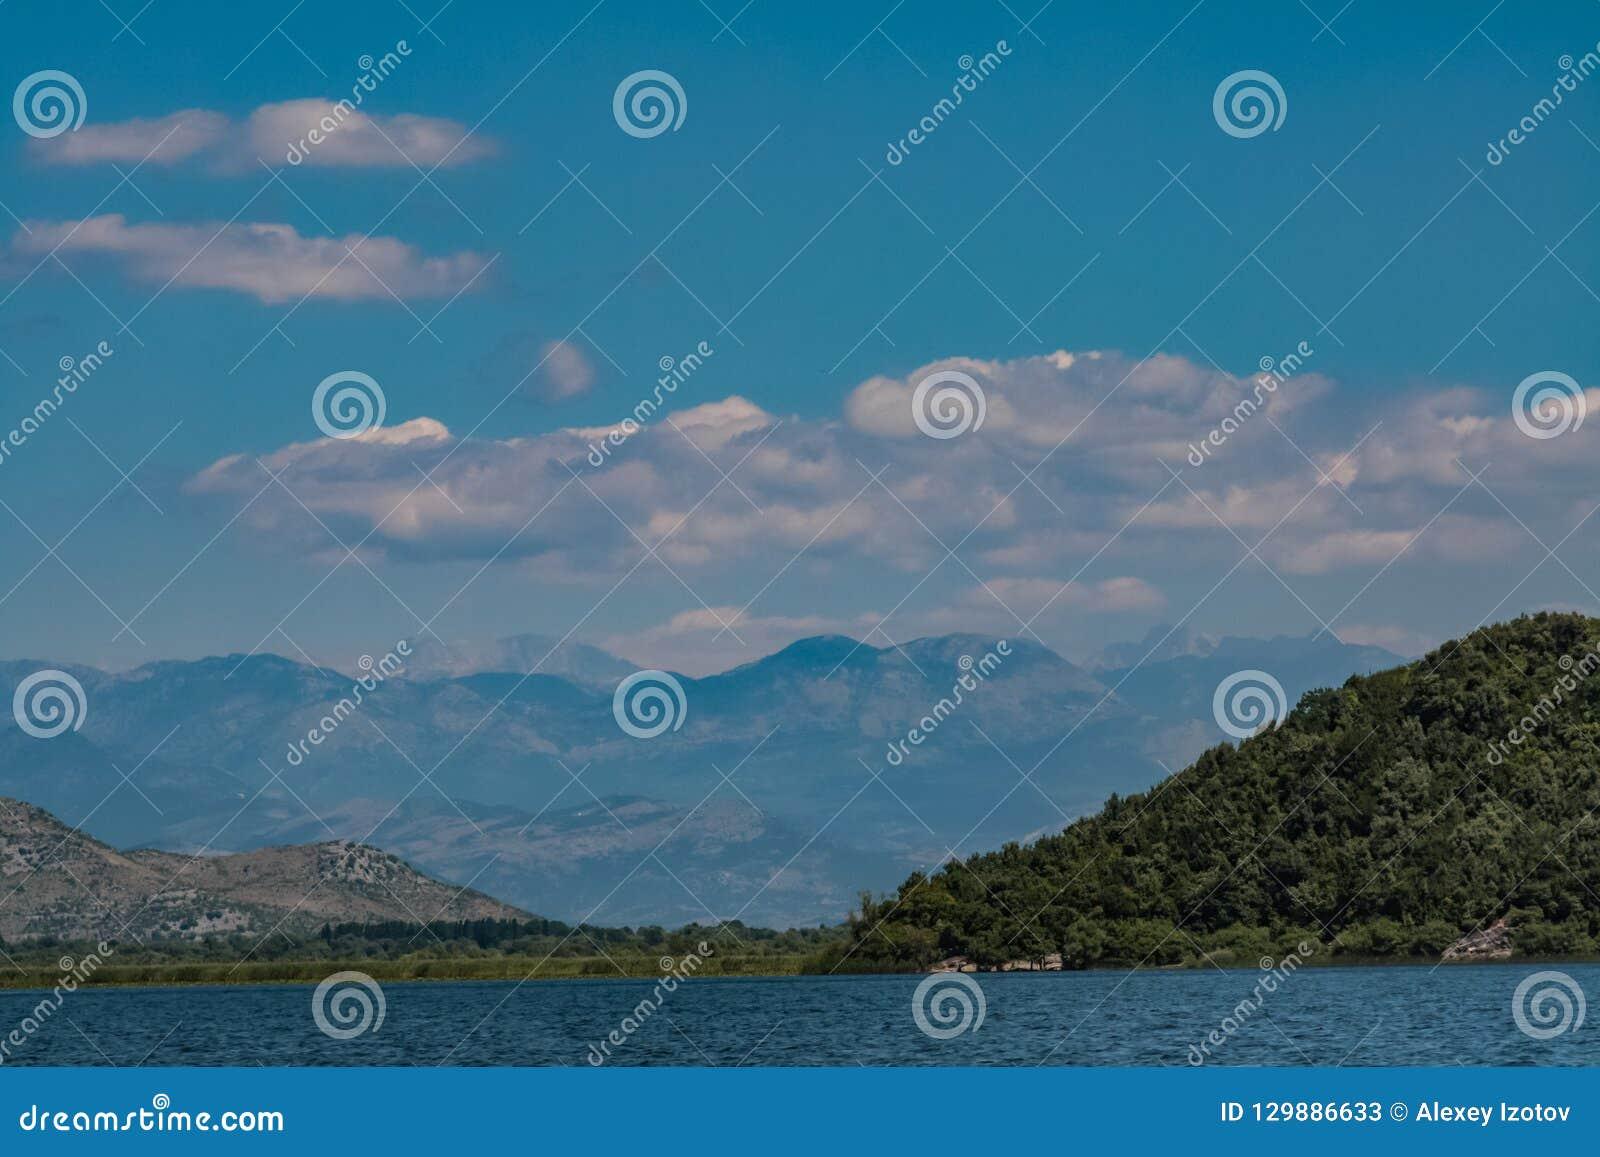 Landschap met bergen op skadar meer in montenegro